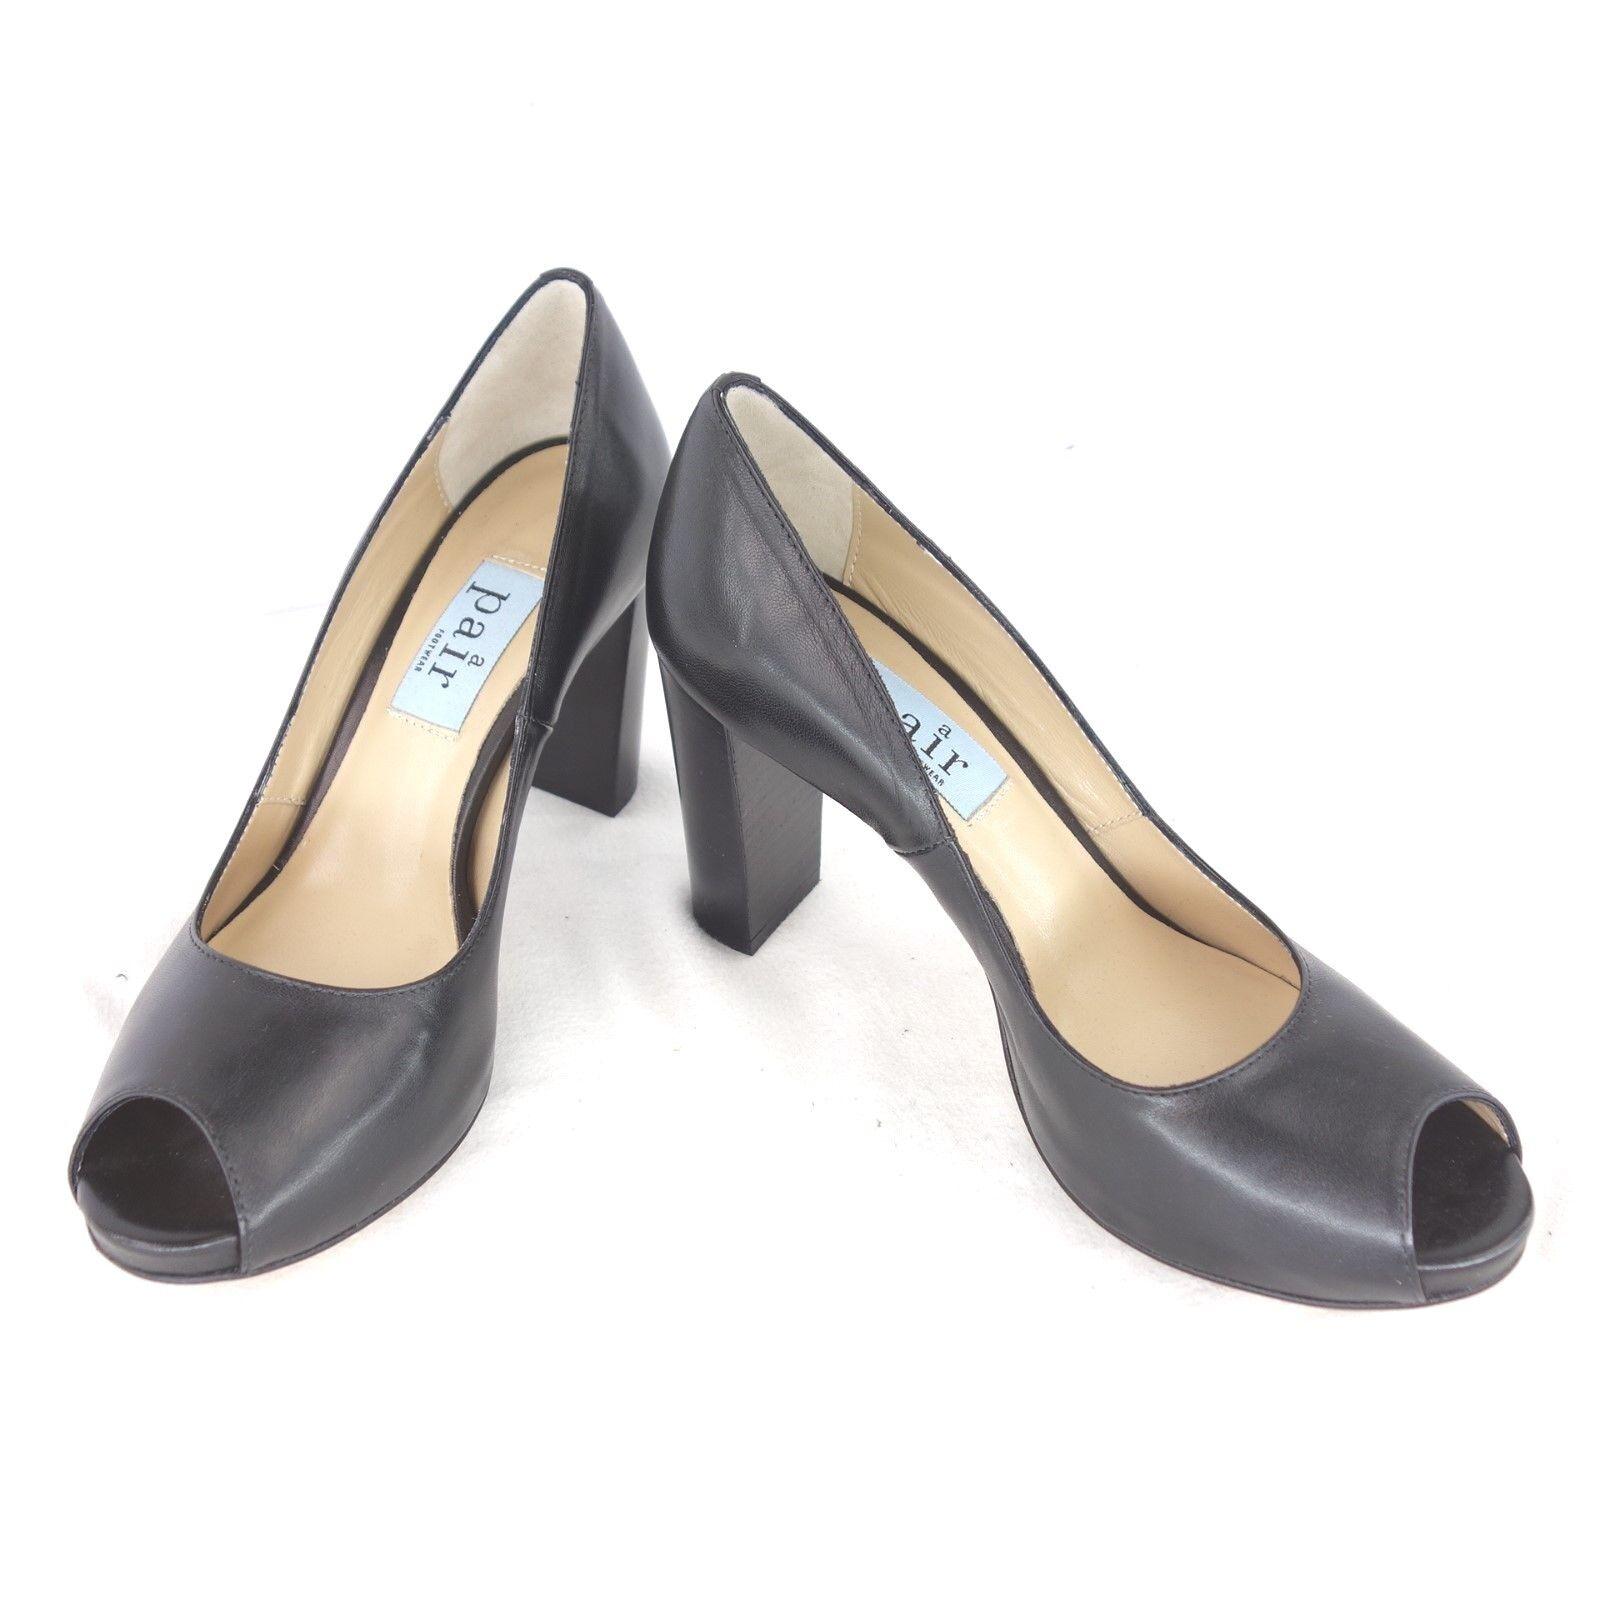 PAIR Footwear Rund Damen Pumps Schuhe Peeptoe Leder Glanz Schwarz Rund Footwear NP 295 NEU 5dd105